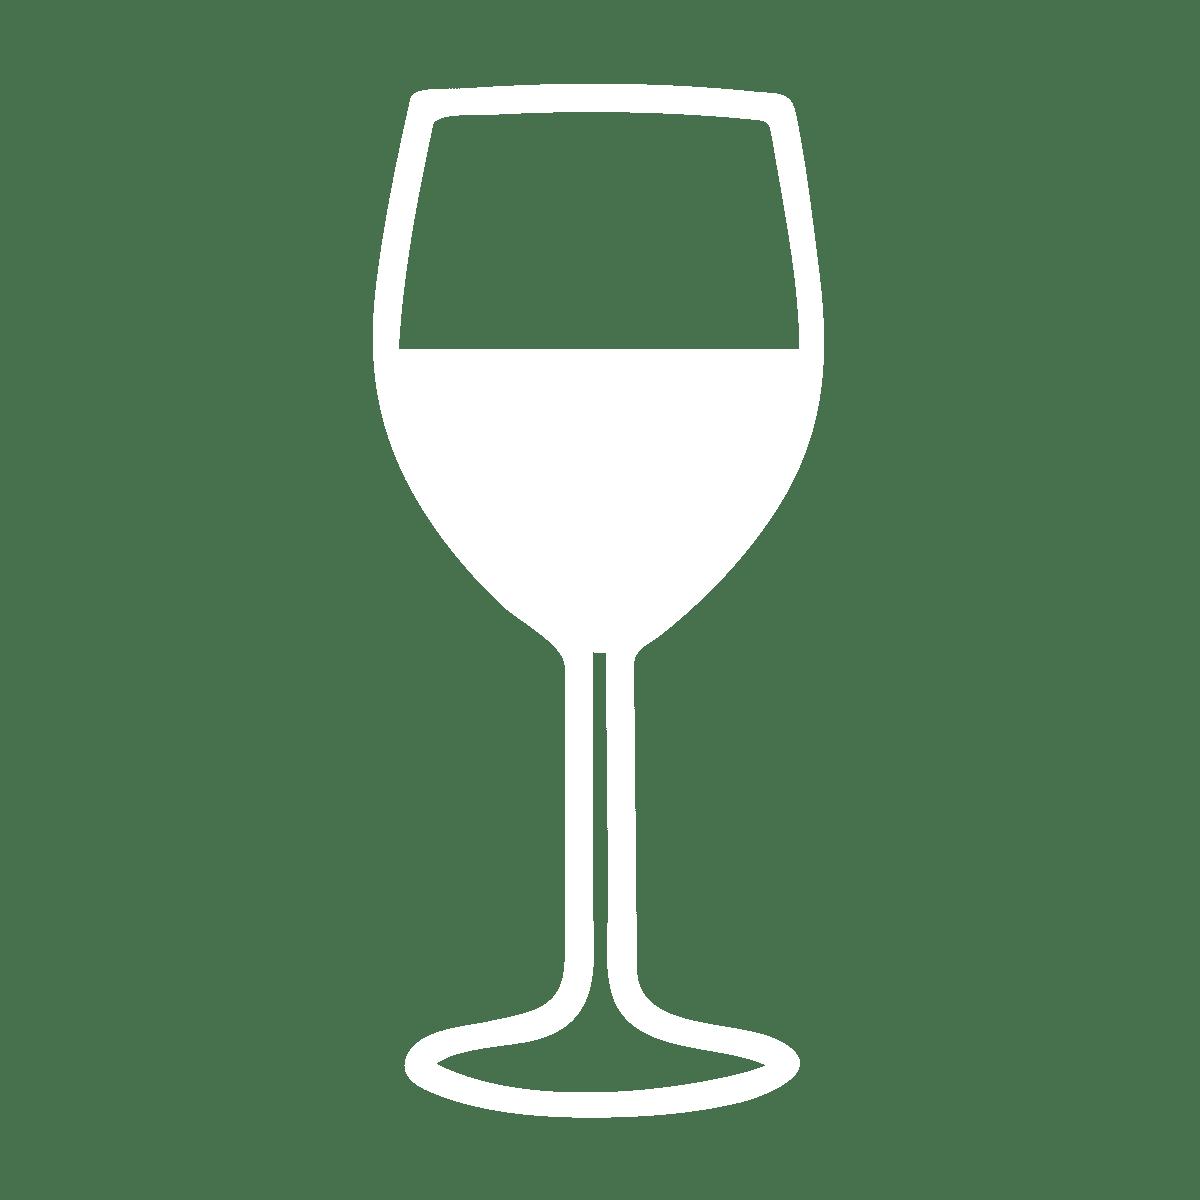 Wine Example 3